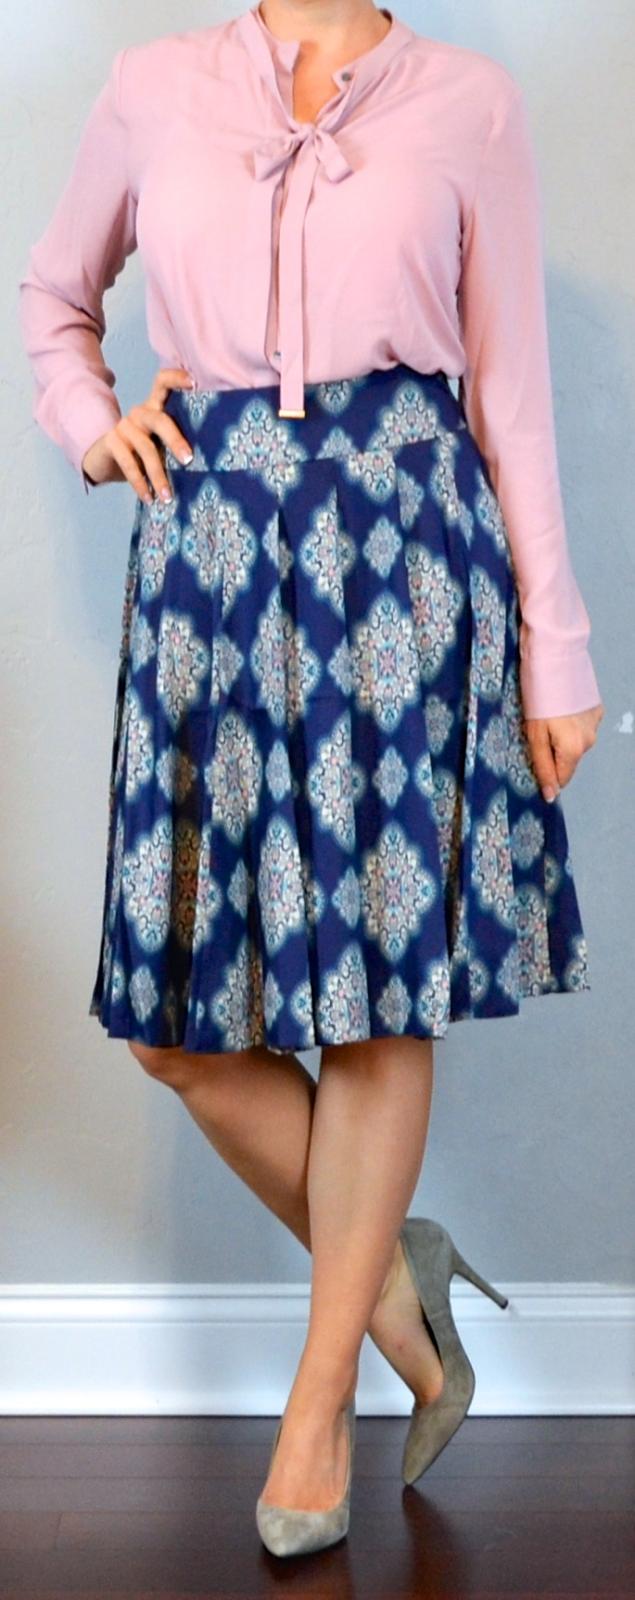 b4ba5-pinkbowblousefullskirt